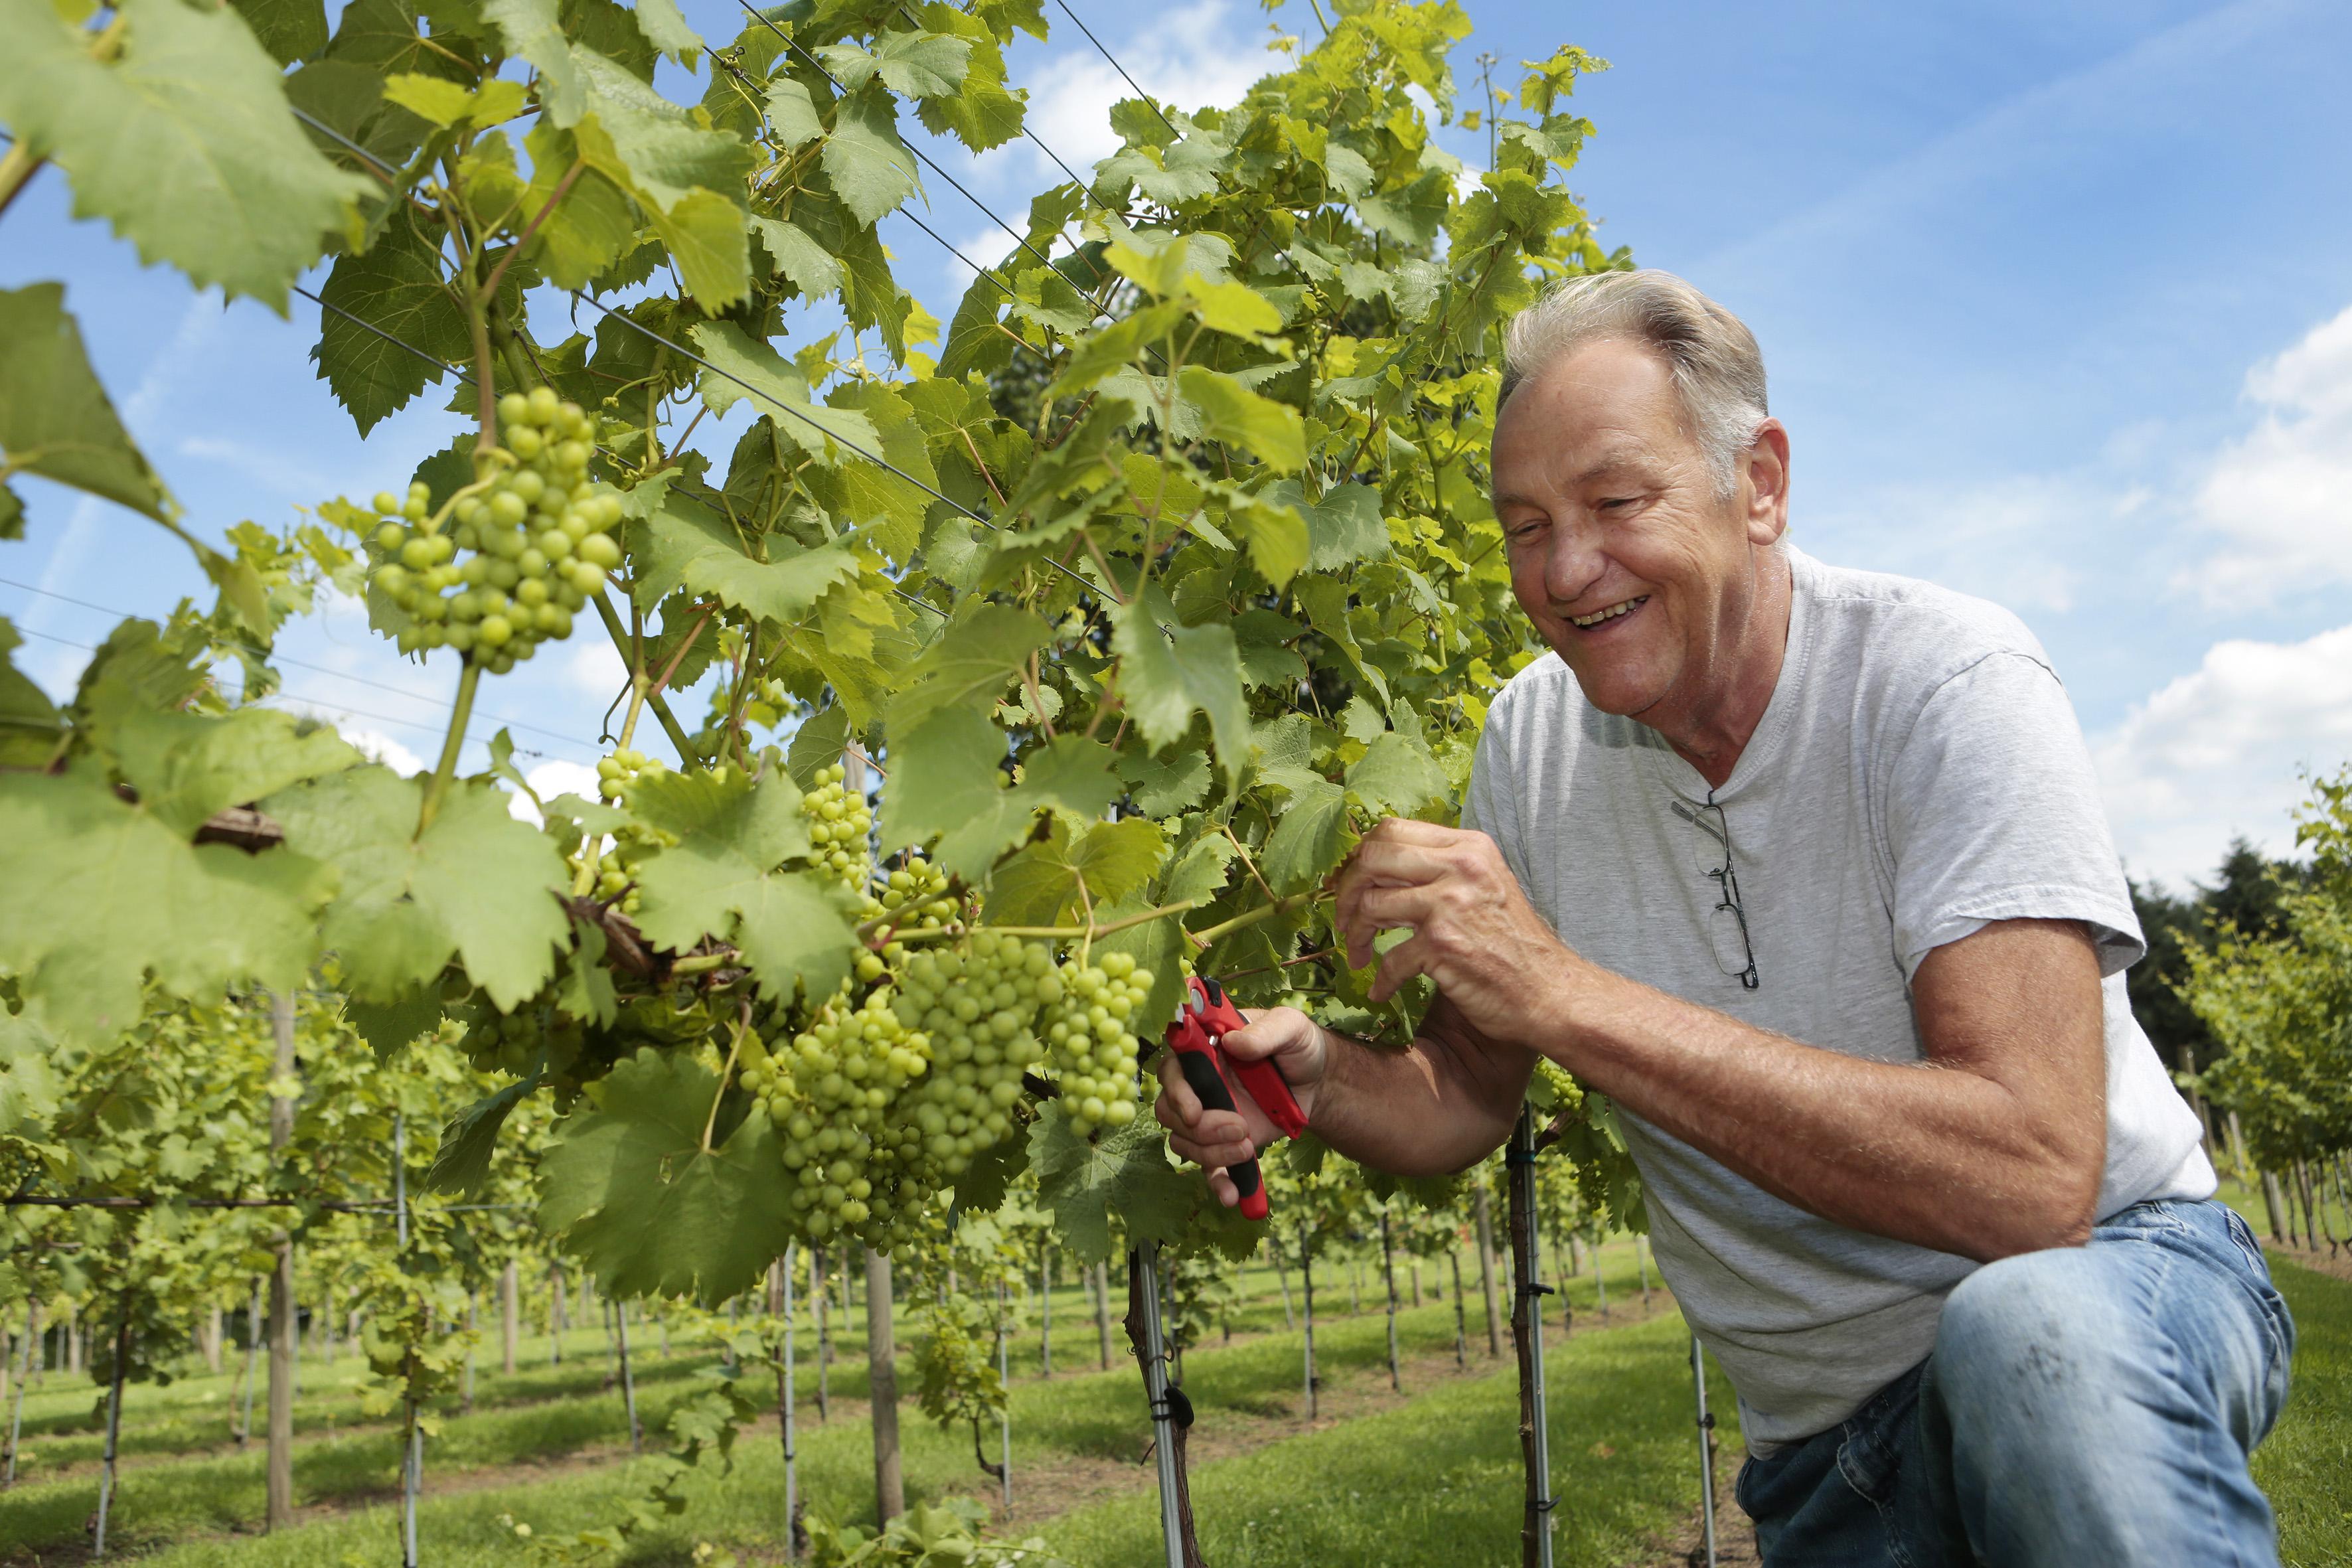 Weinig schade aan druiven door vorst